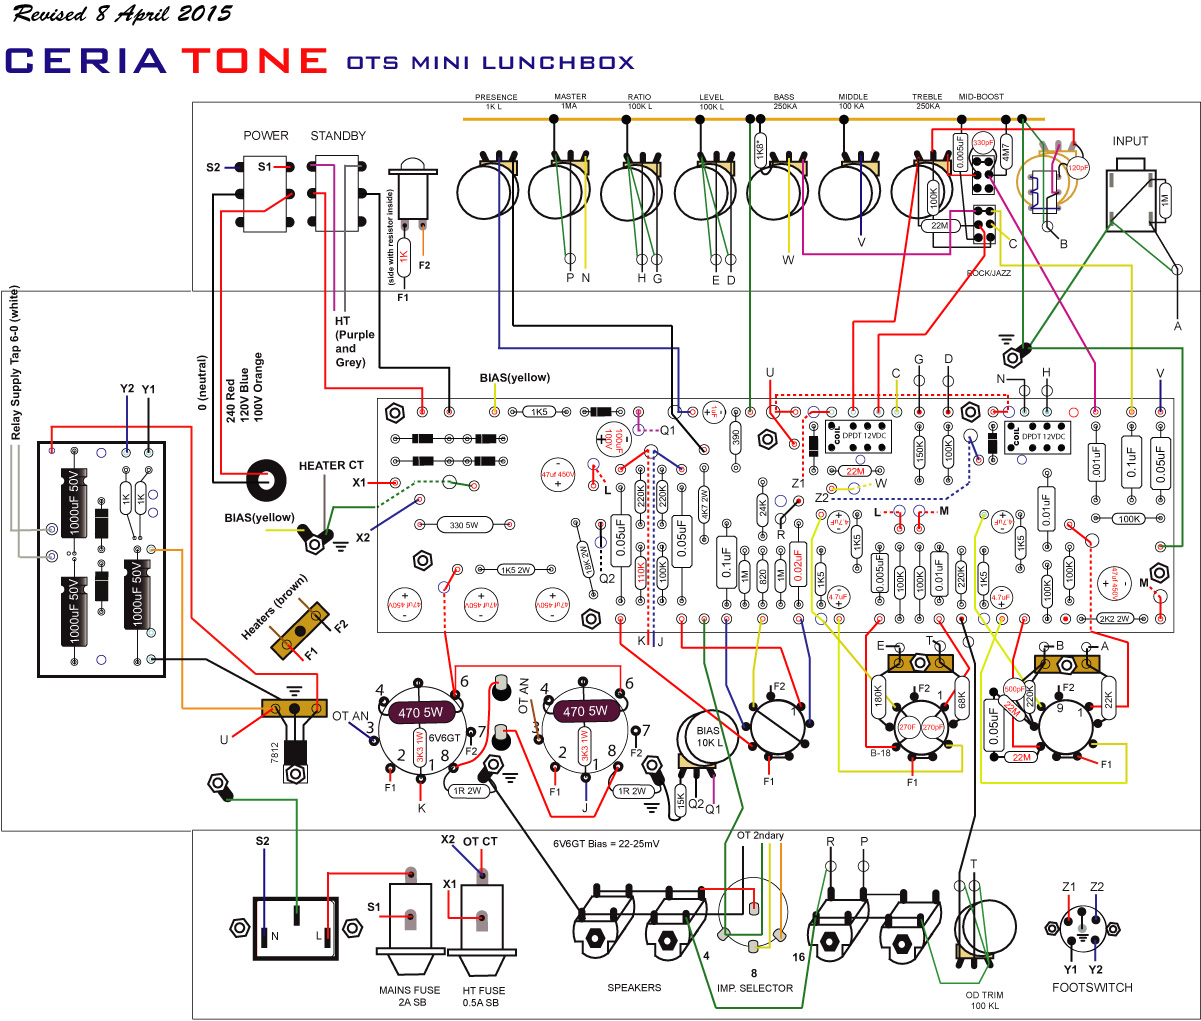 CeriatoneUSA Manuals and Layout Diagrams